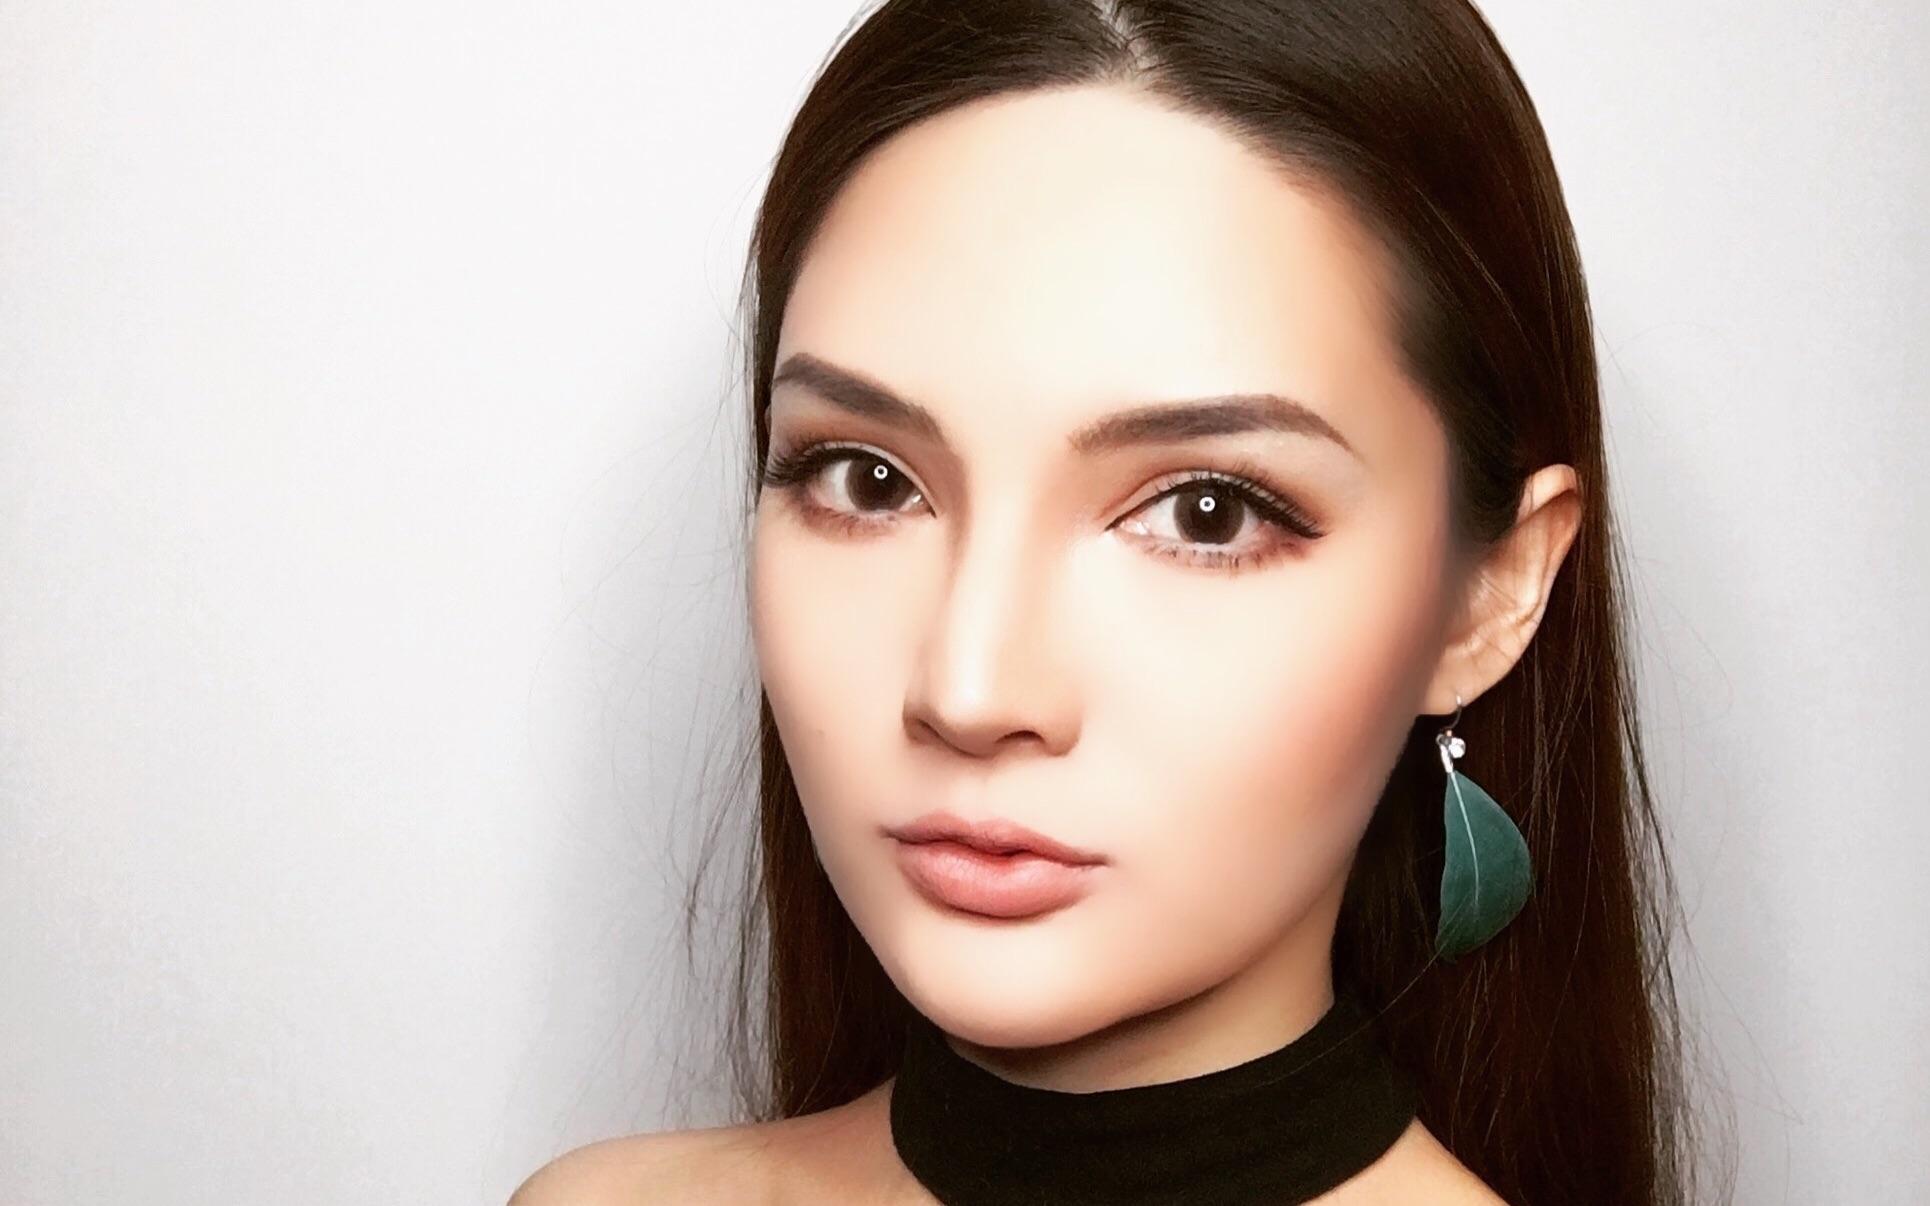 欧美妆_亚洲平脸变身超欧美揭秘妆容揭秘